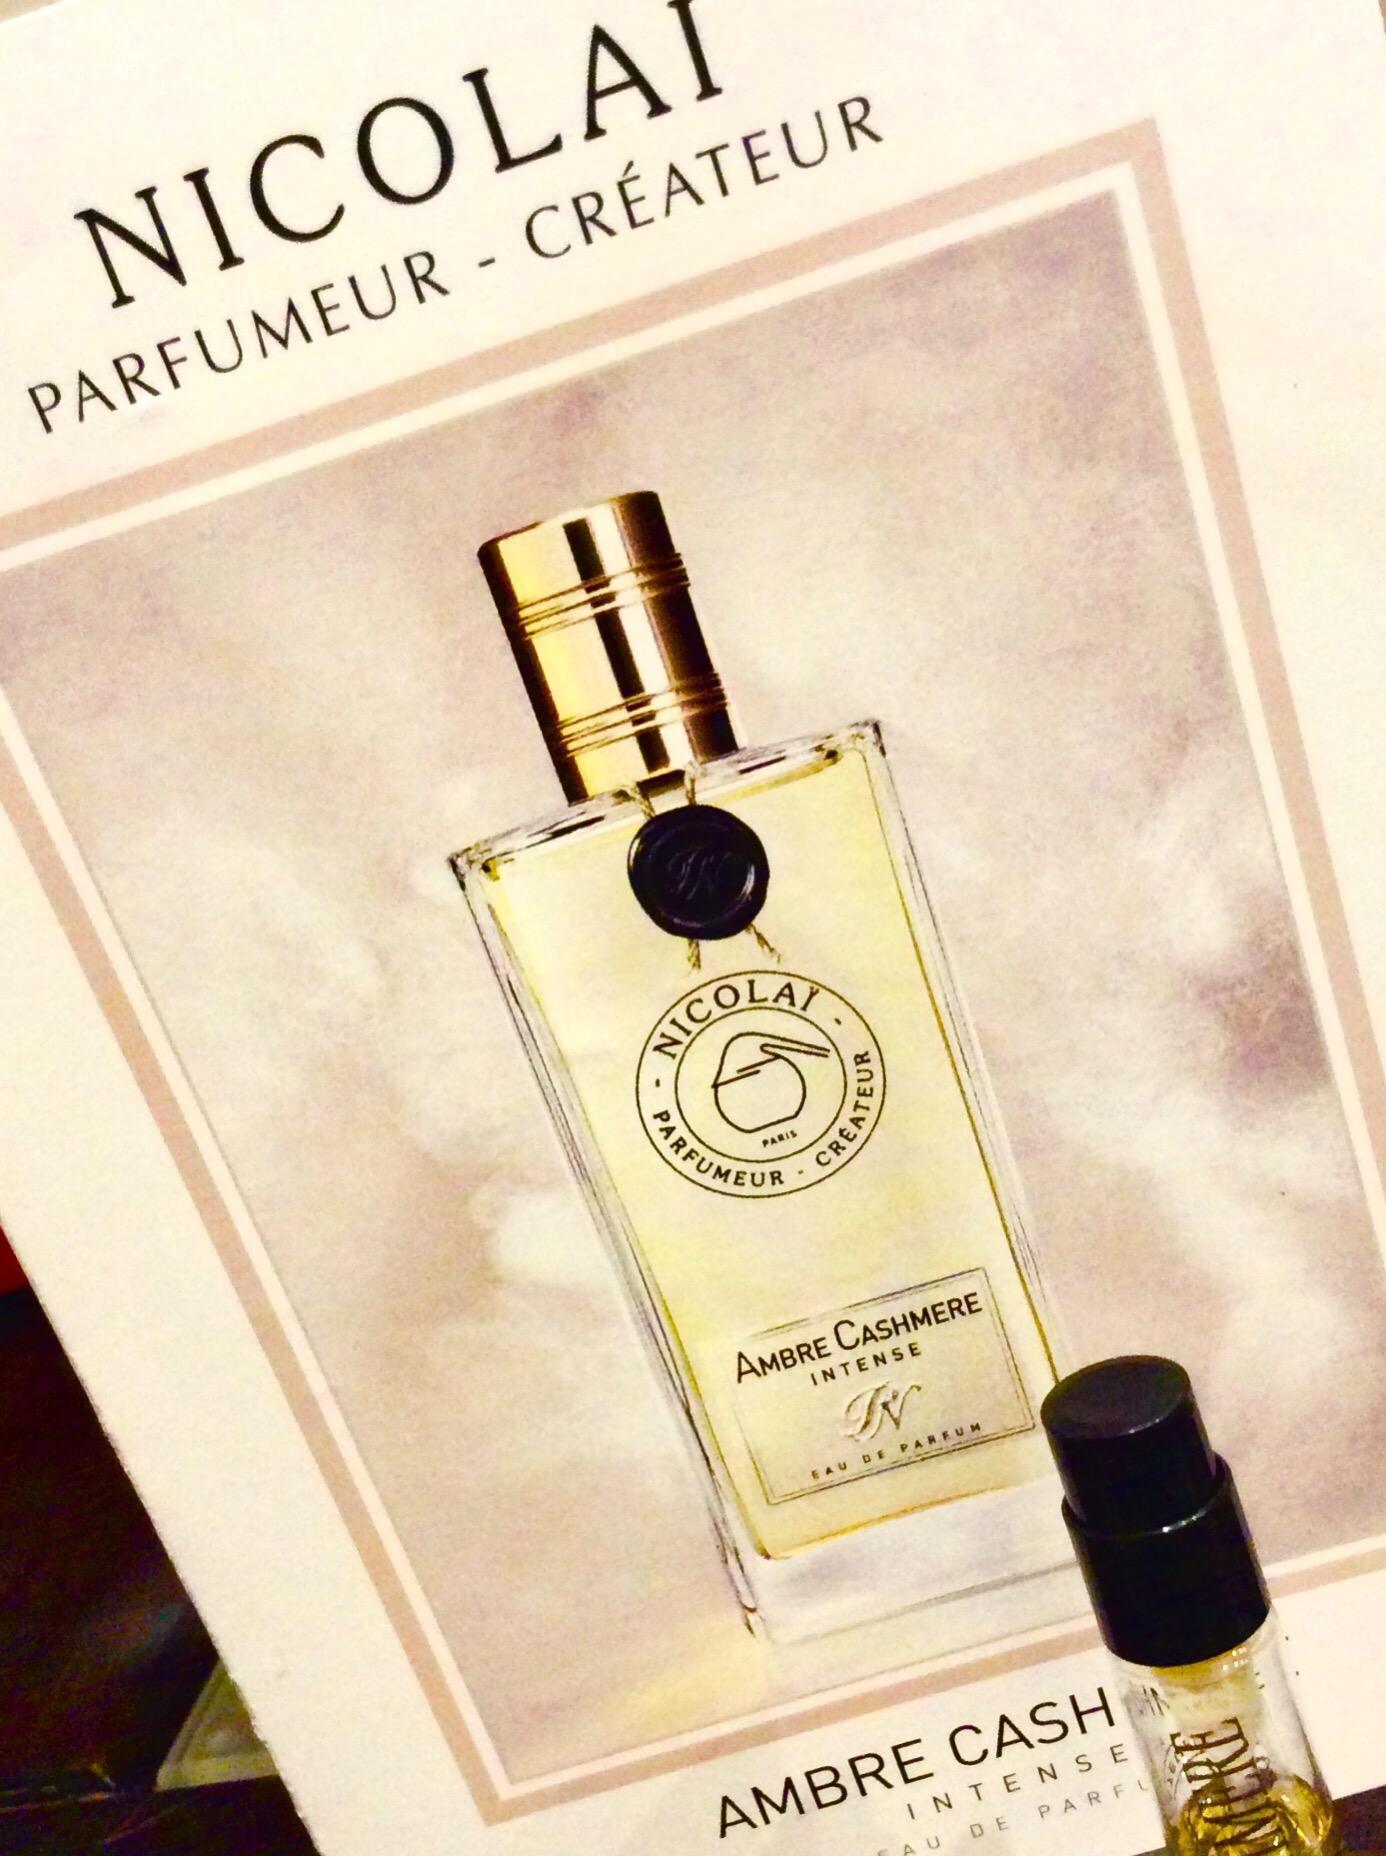 Parfums de Nicolai - Ambre Cashmere Intense | photo by BonjourPerfume